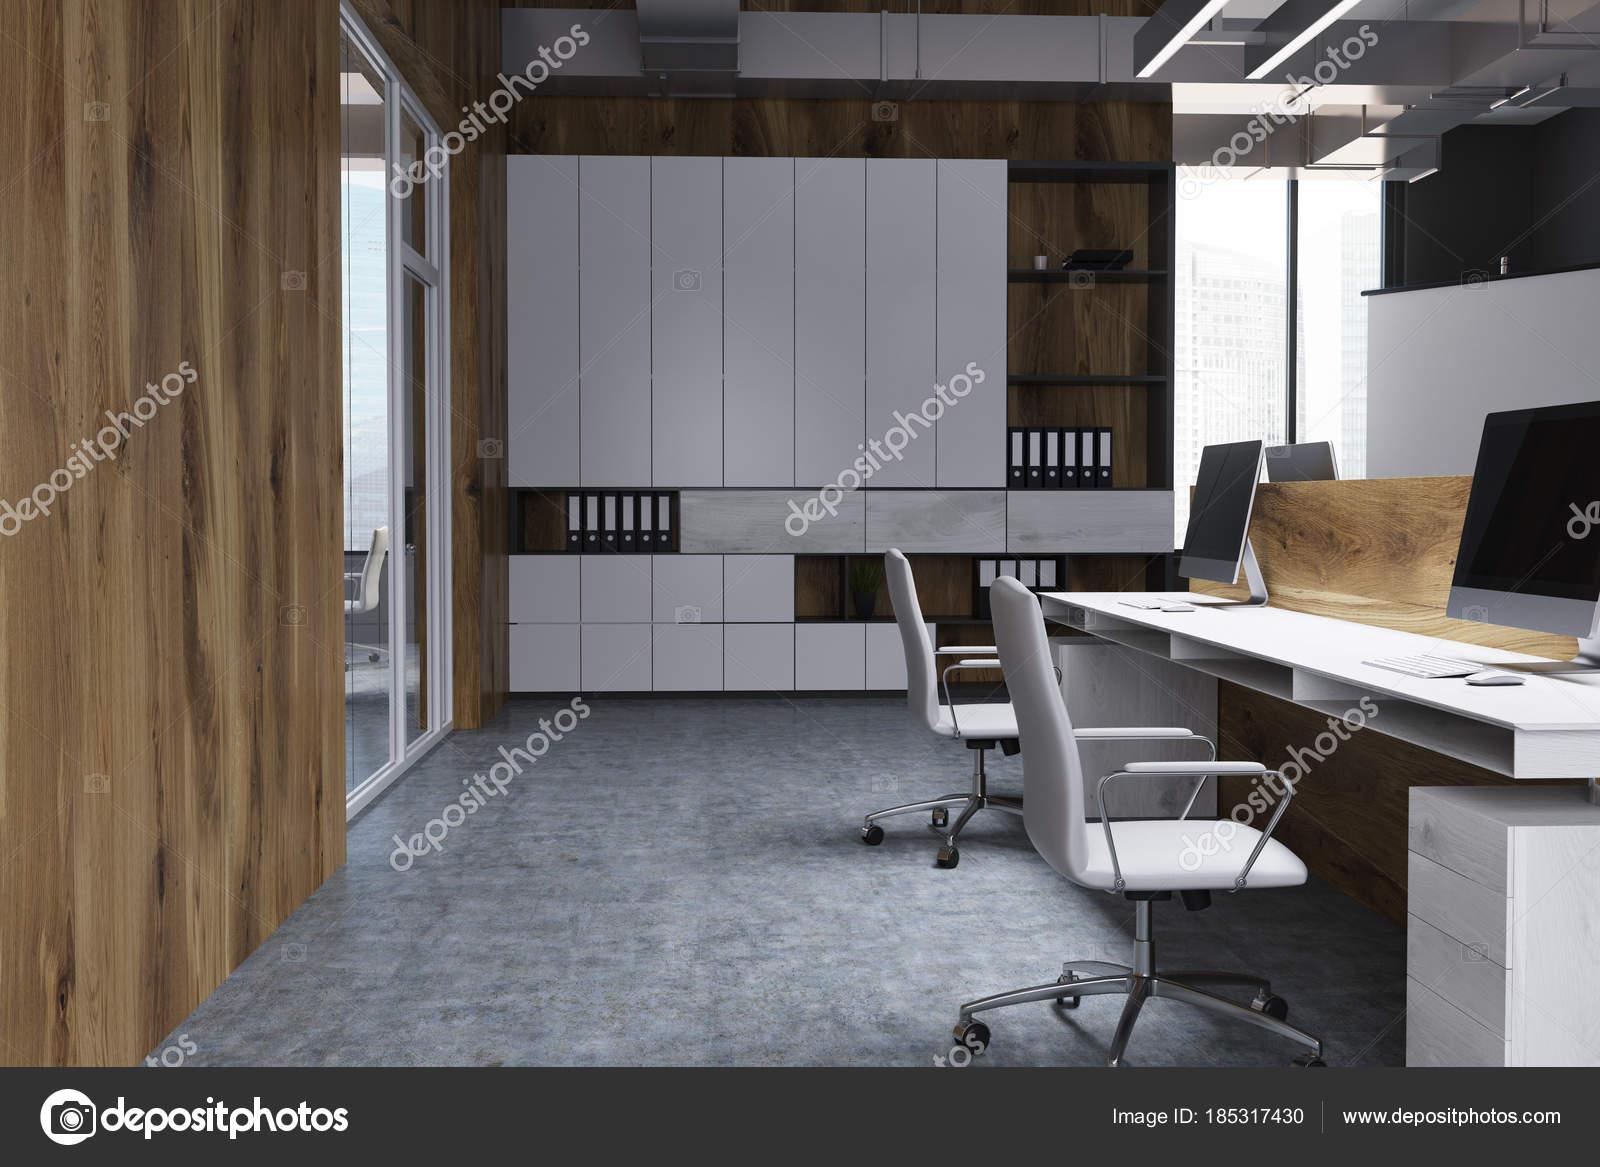 Bureau de mur en bois avec une bibliothèque u photographie